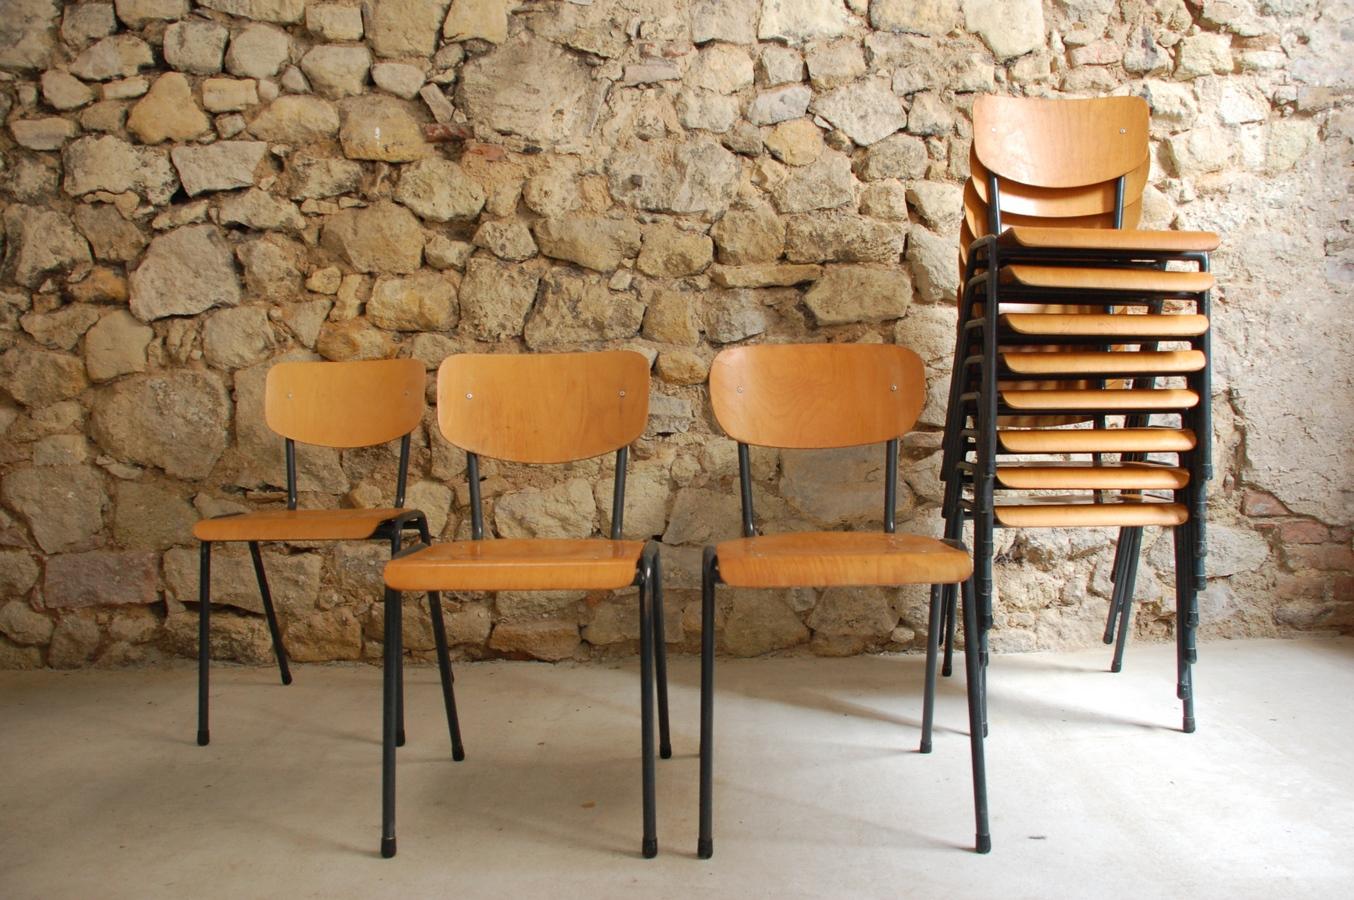 Holz Stühle Metall gebraucht Vintage Gastro Industral Design Klassiker Loft (8) a